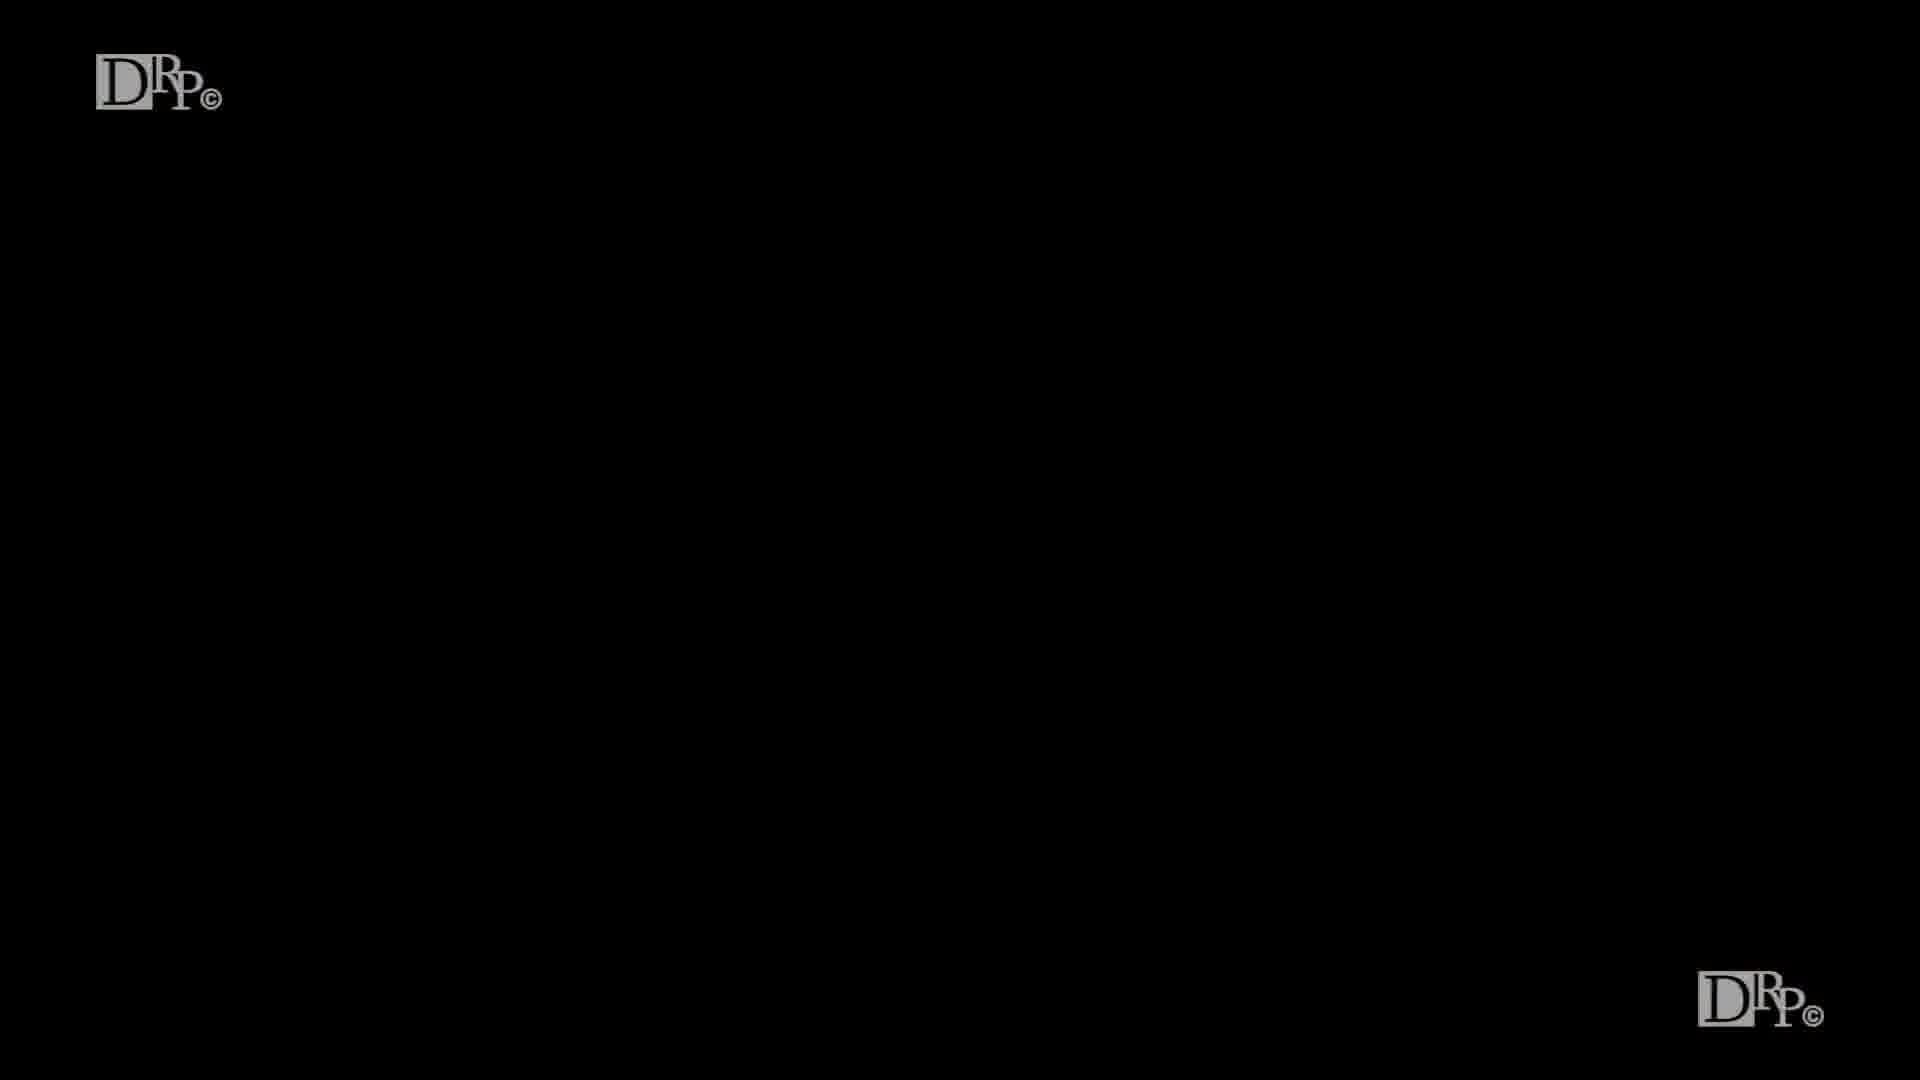 咲乃柑菜がぼくのお嫁さん - 咲乃柑菜【エプロン・クンニ・中出し】